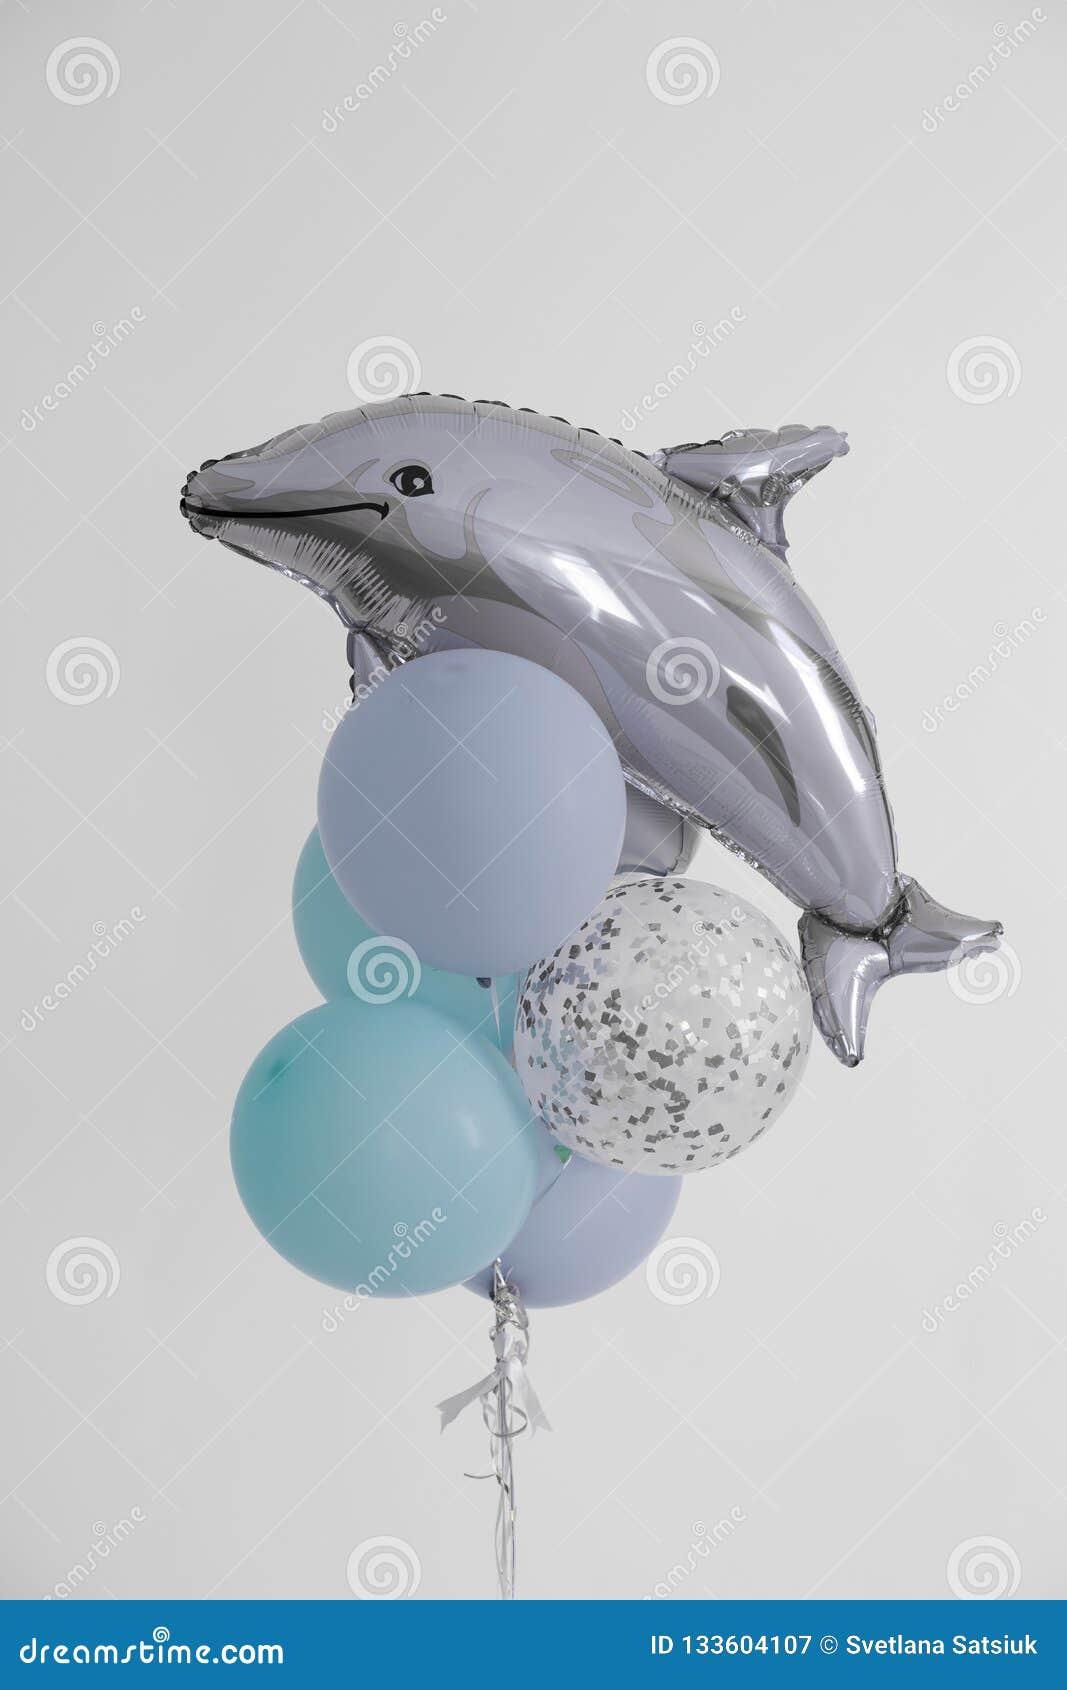 Globo bolas inflables de blanco y de gris, azules bola inflable del delfín